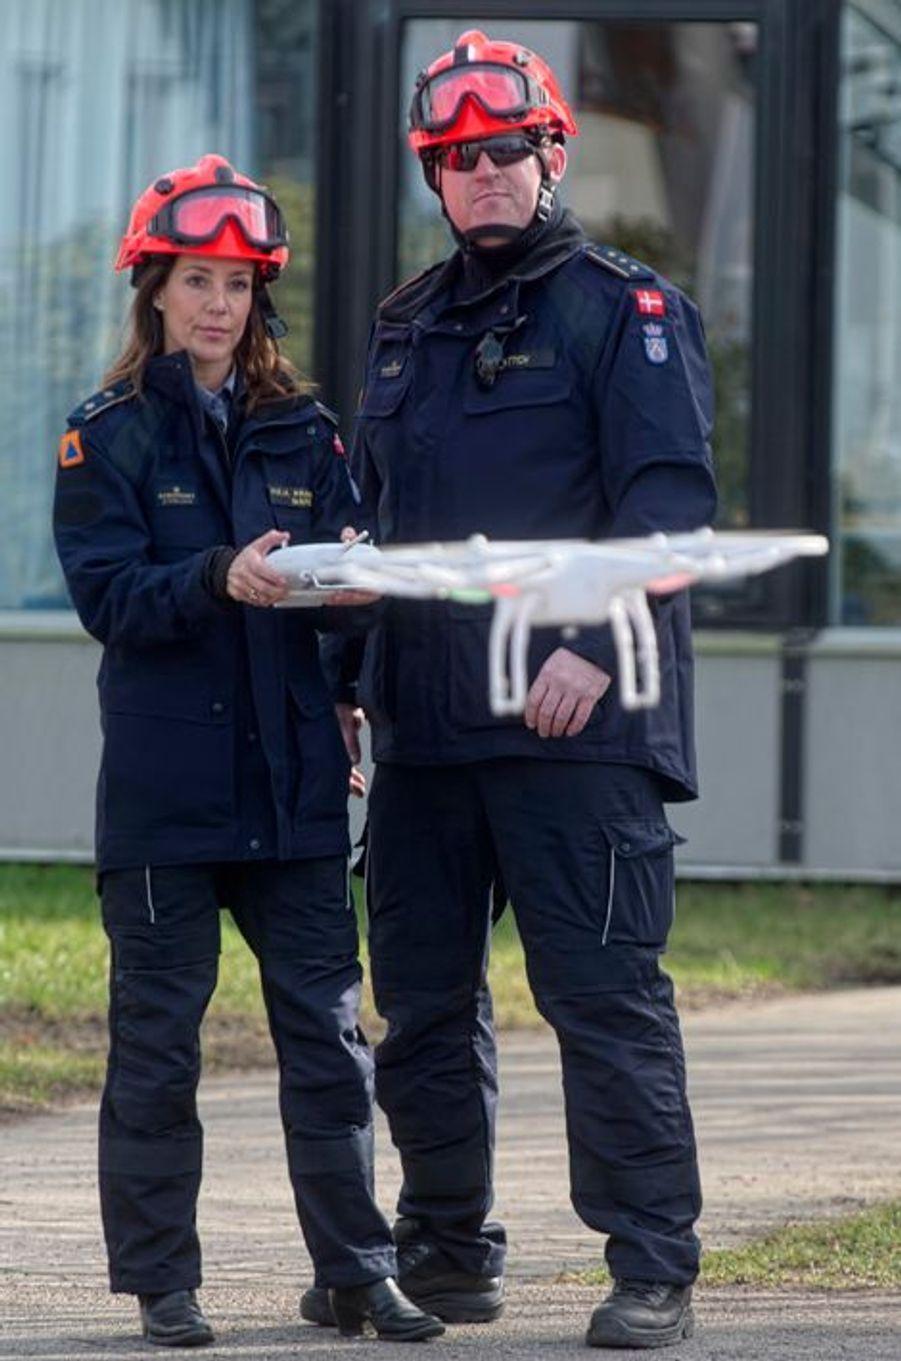 La princesse Marie de Danemark aux commandes d'un drone, le 13 mars 2015